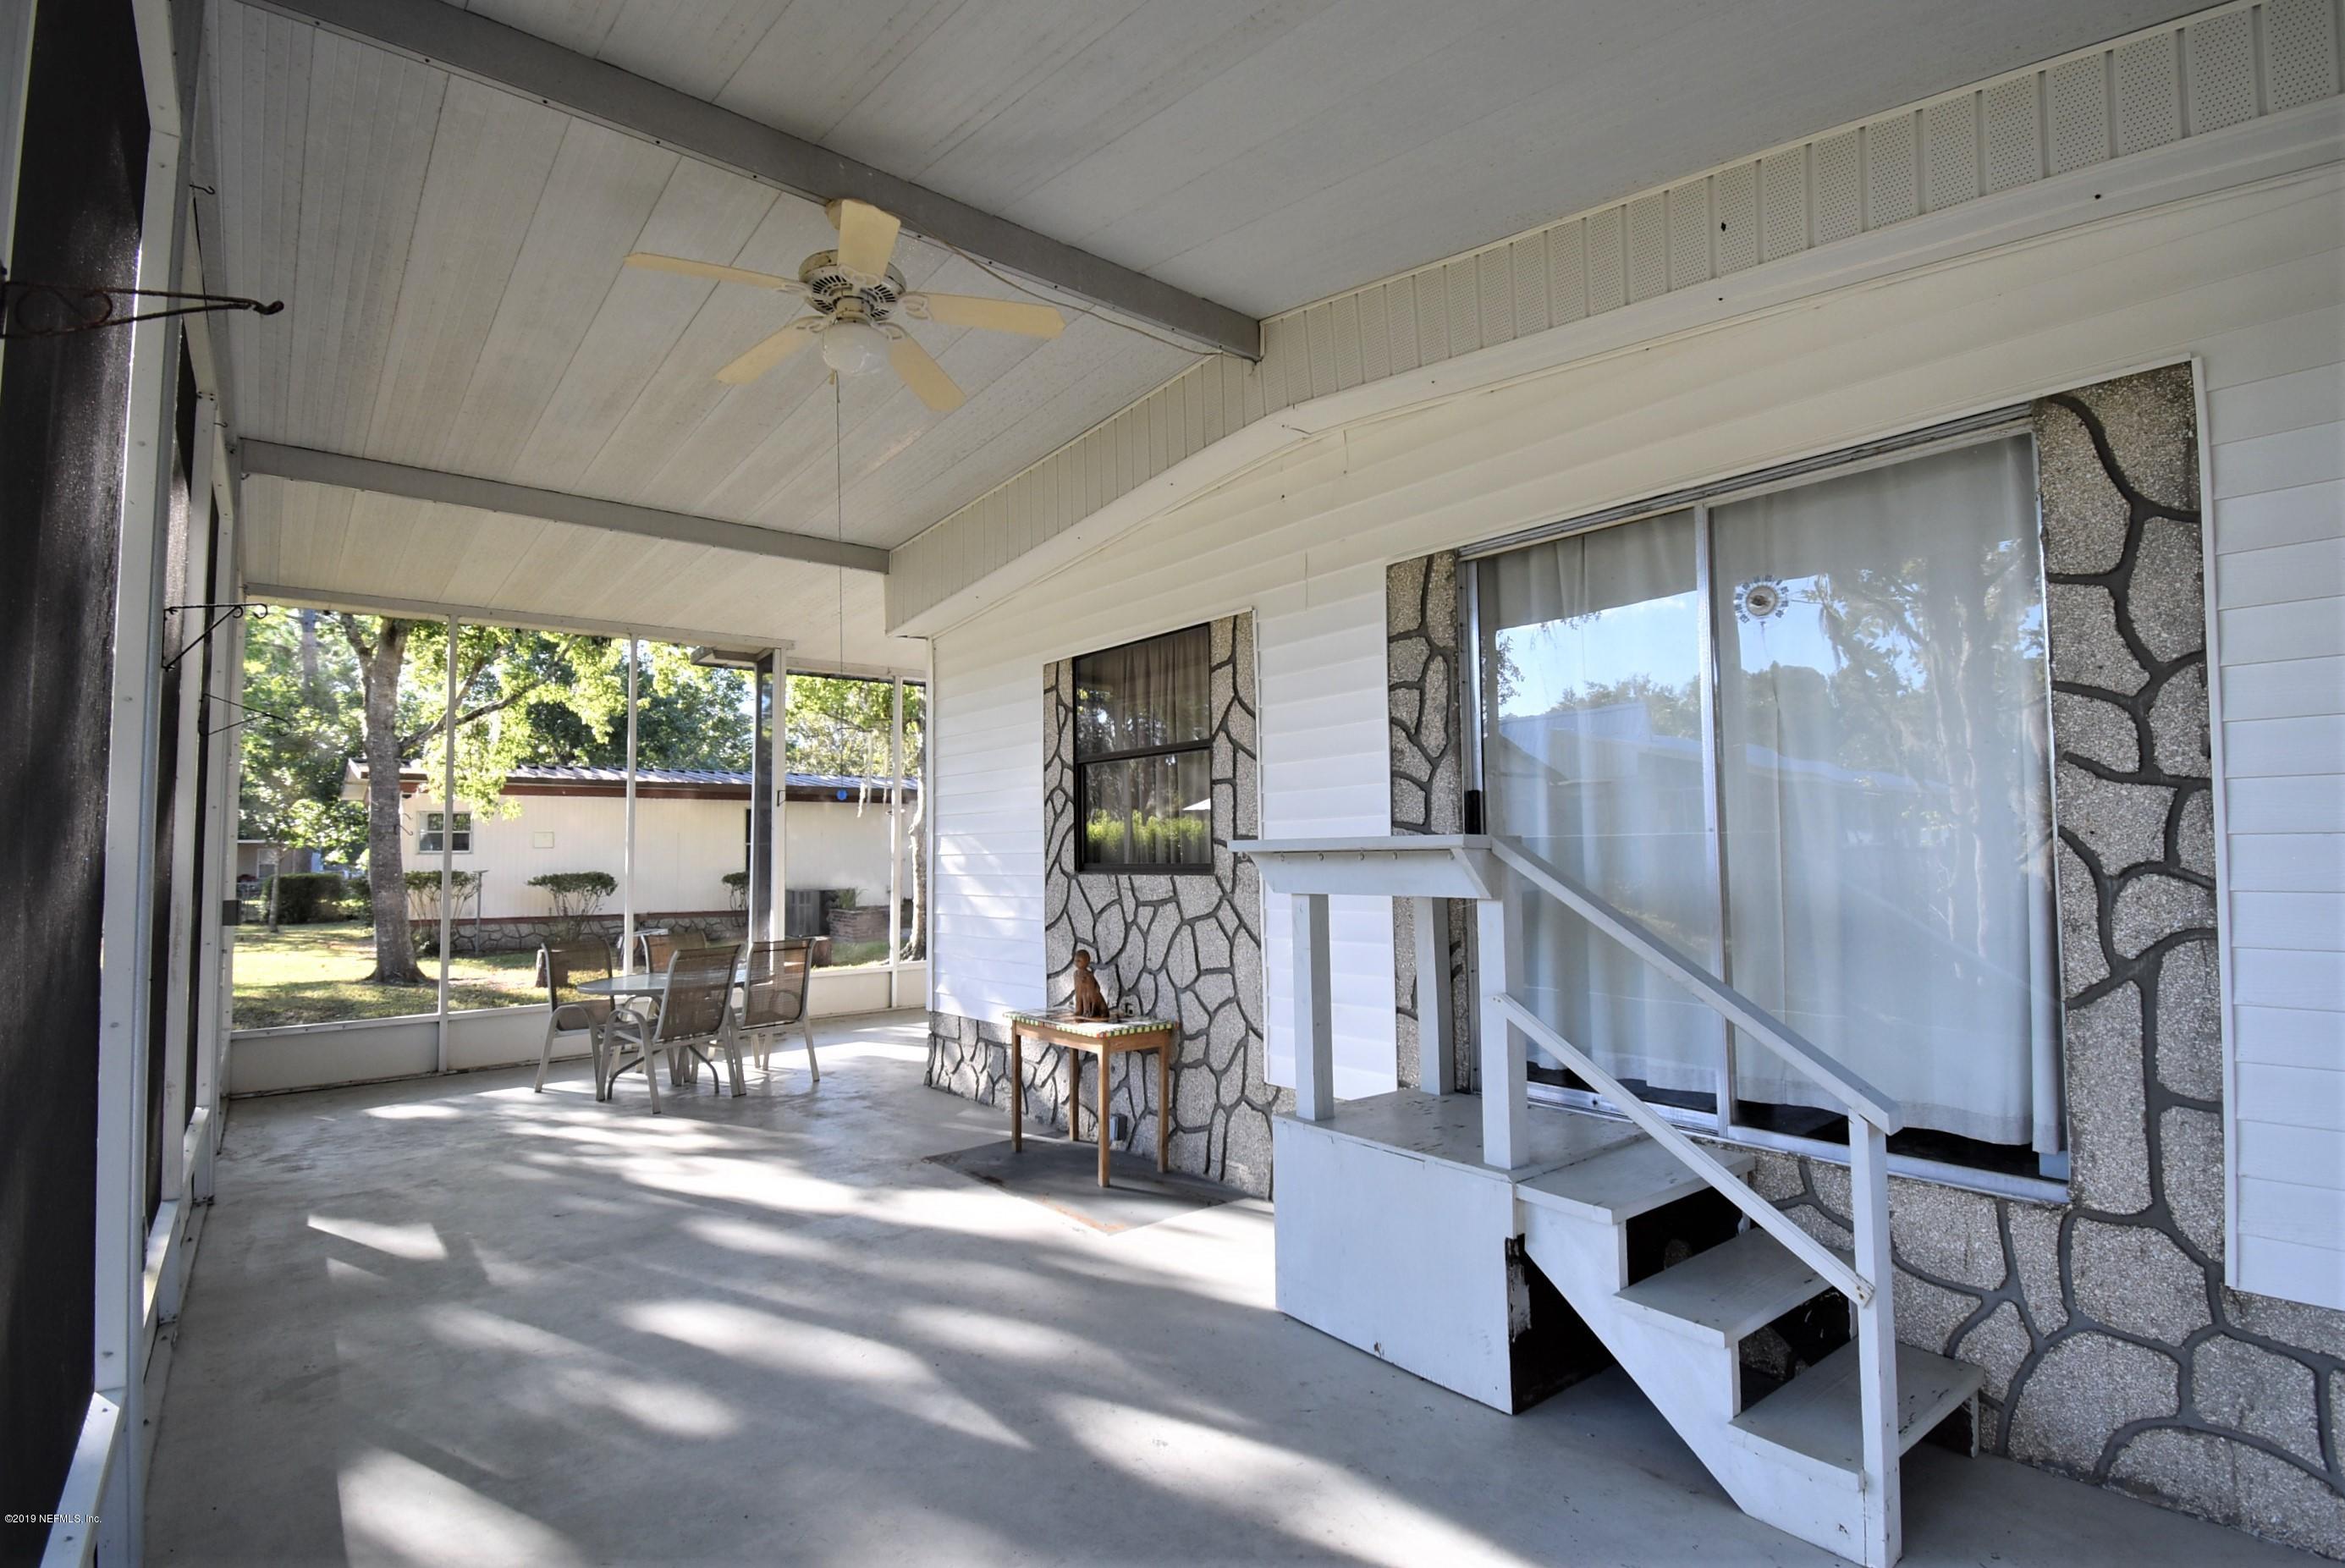 601 CARLIN, SATSUMA, FLORIDA 32189, 5 Bedrooms Bedrooms, ,3 BathroomsBathrooms,Residential,For sale,CARLIN,1020943